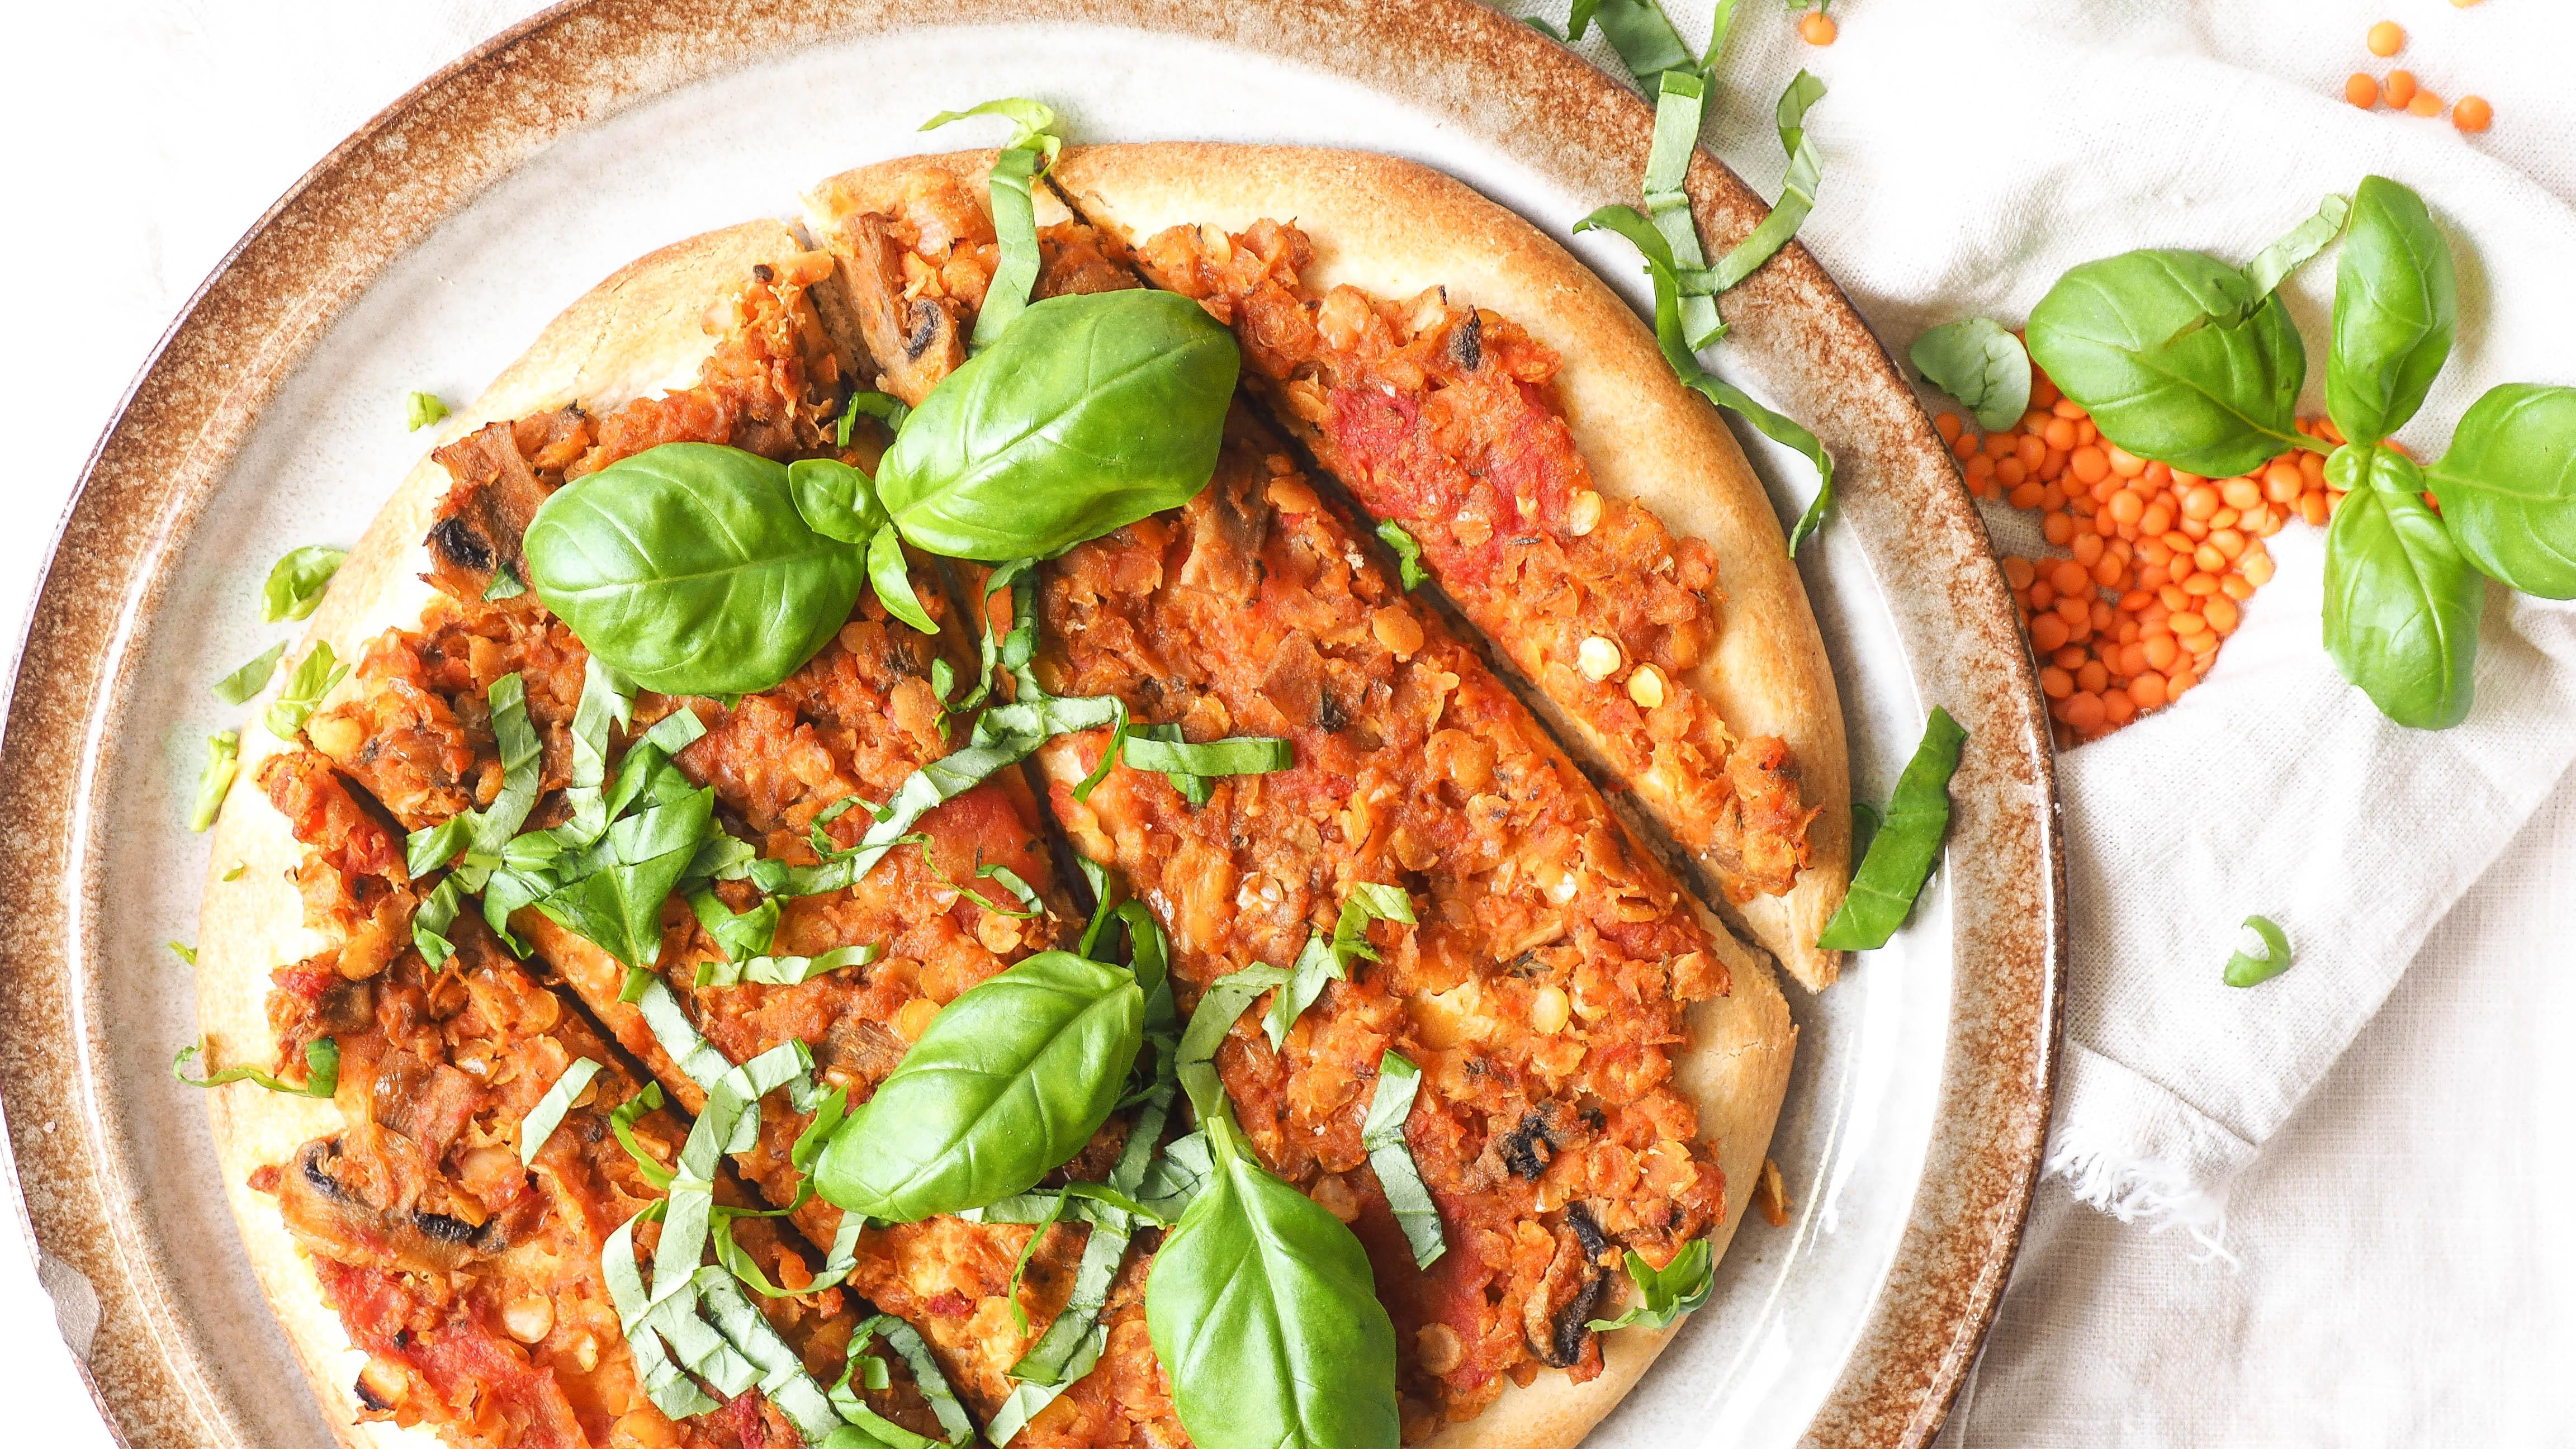 Recept: Vega pizza Bolognese